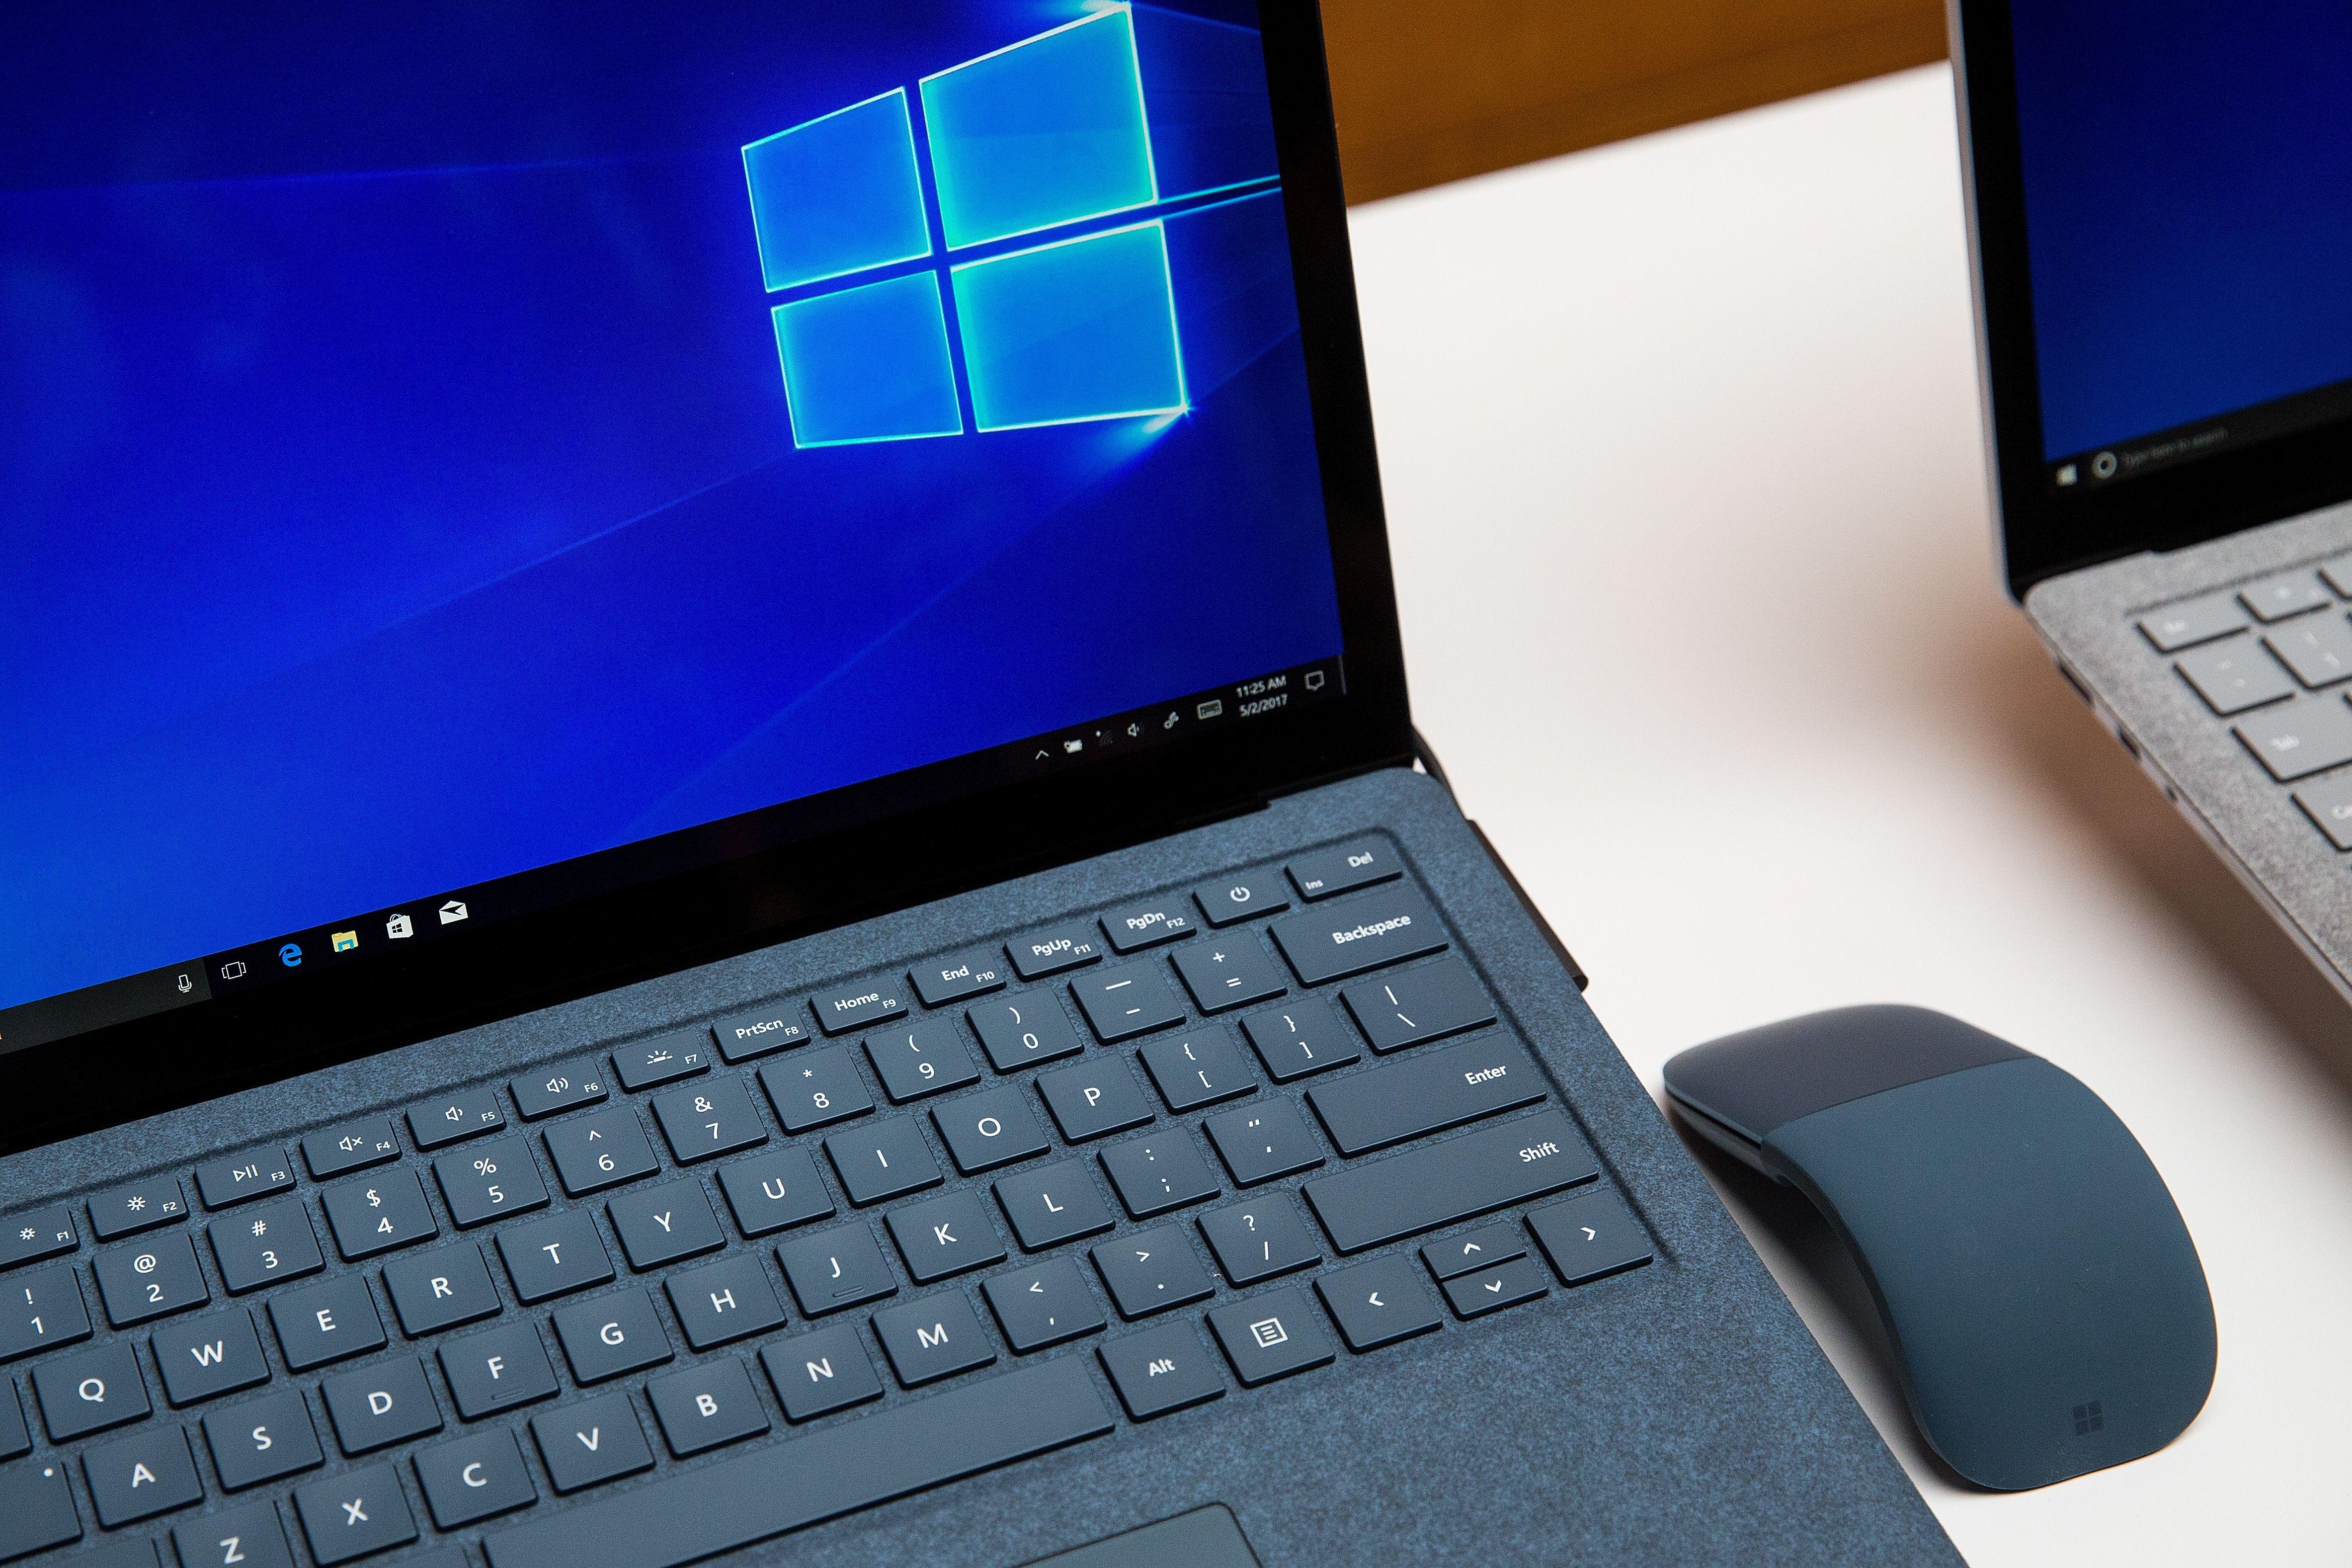 Mit Diesem Trick Startet Ihr Windows Rechner Schneller Techbook Rechnen Tricks Deaktivieren